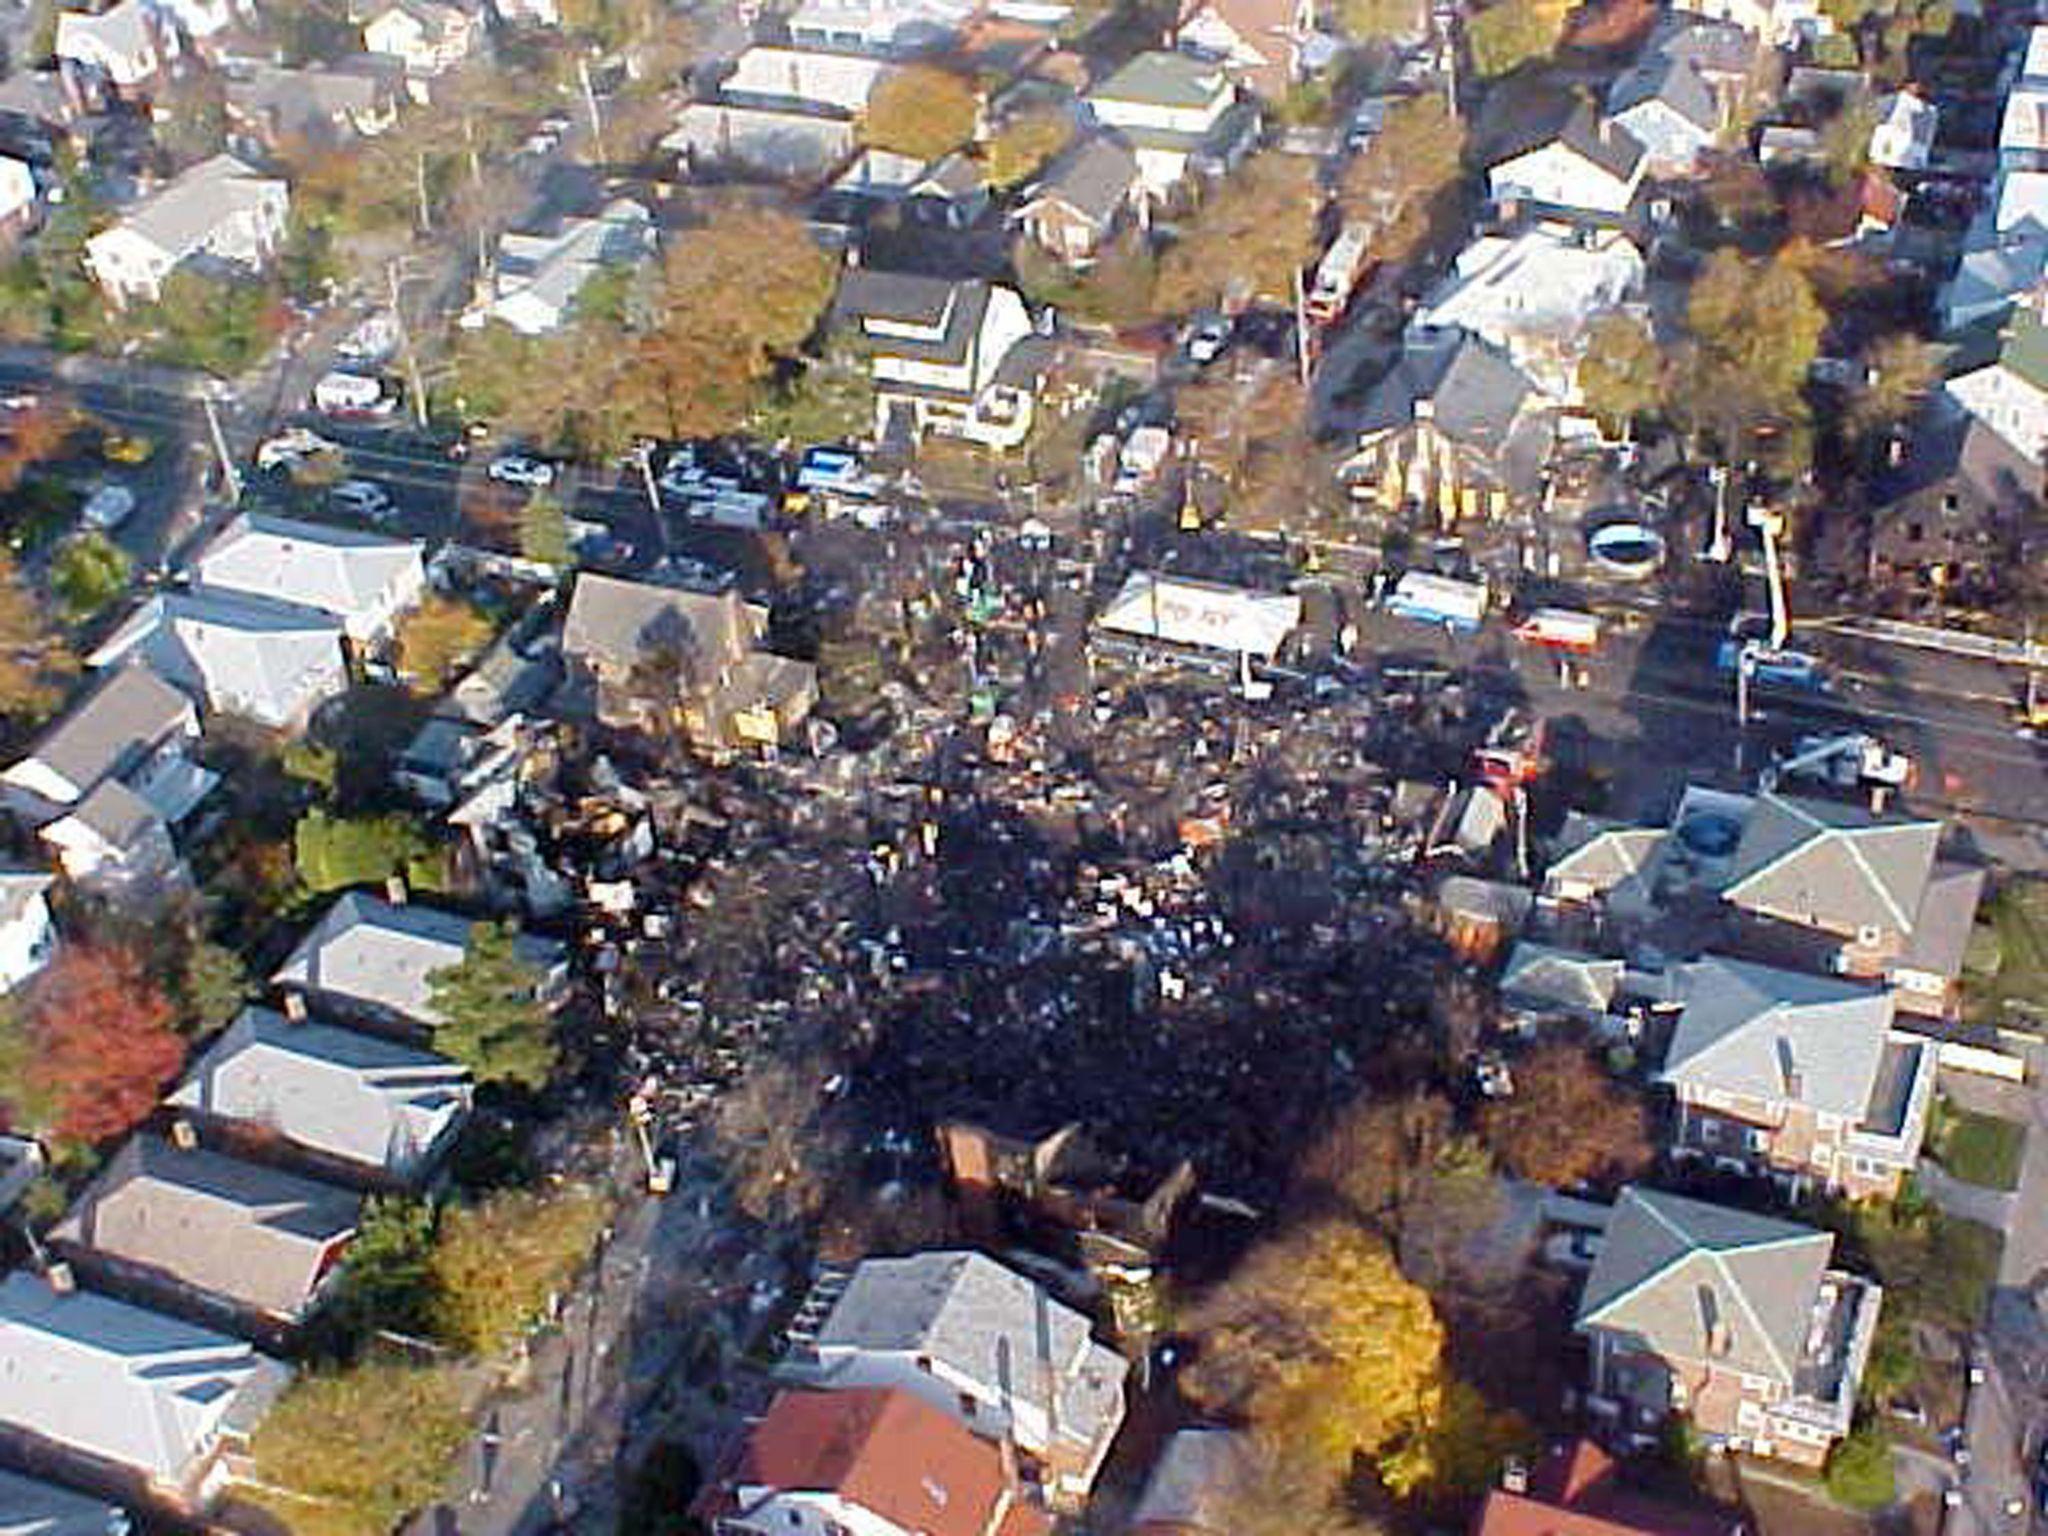 Crash debris in Queen, New York (16 November 2001)